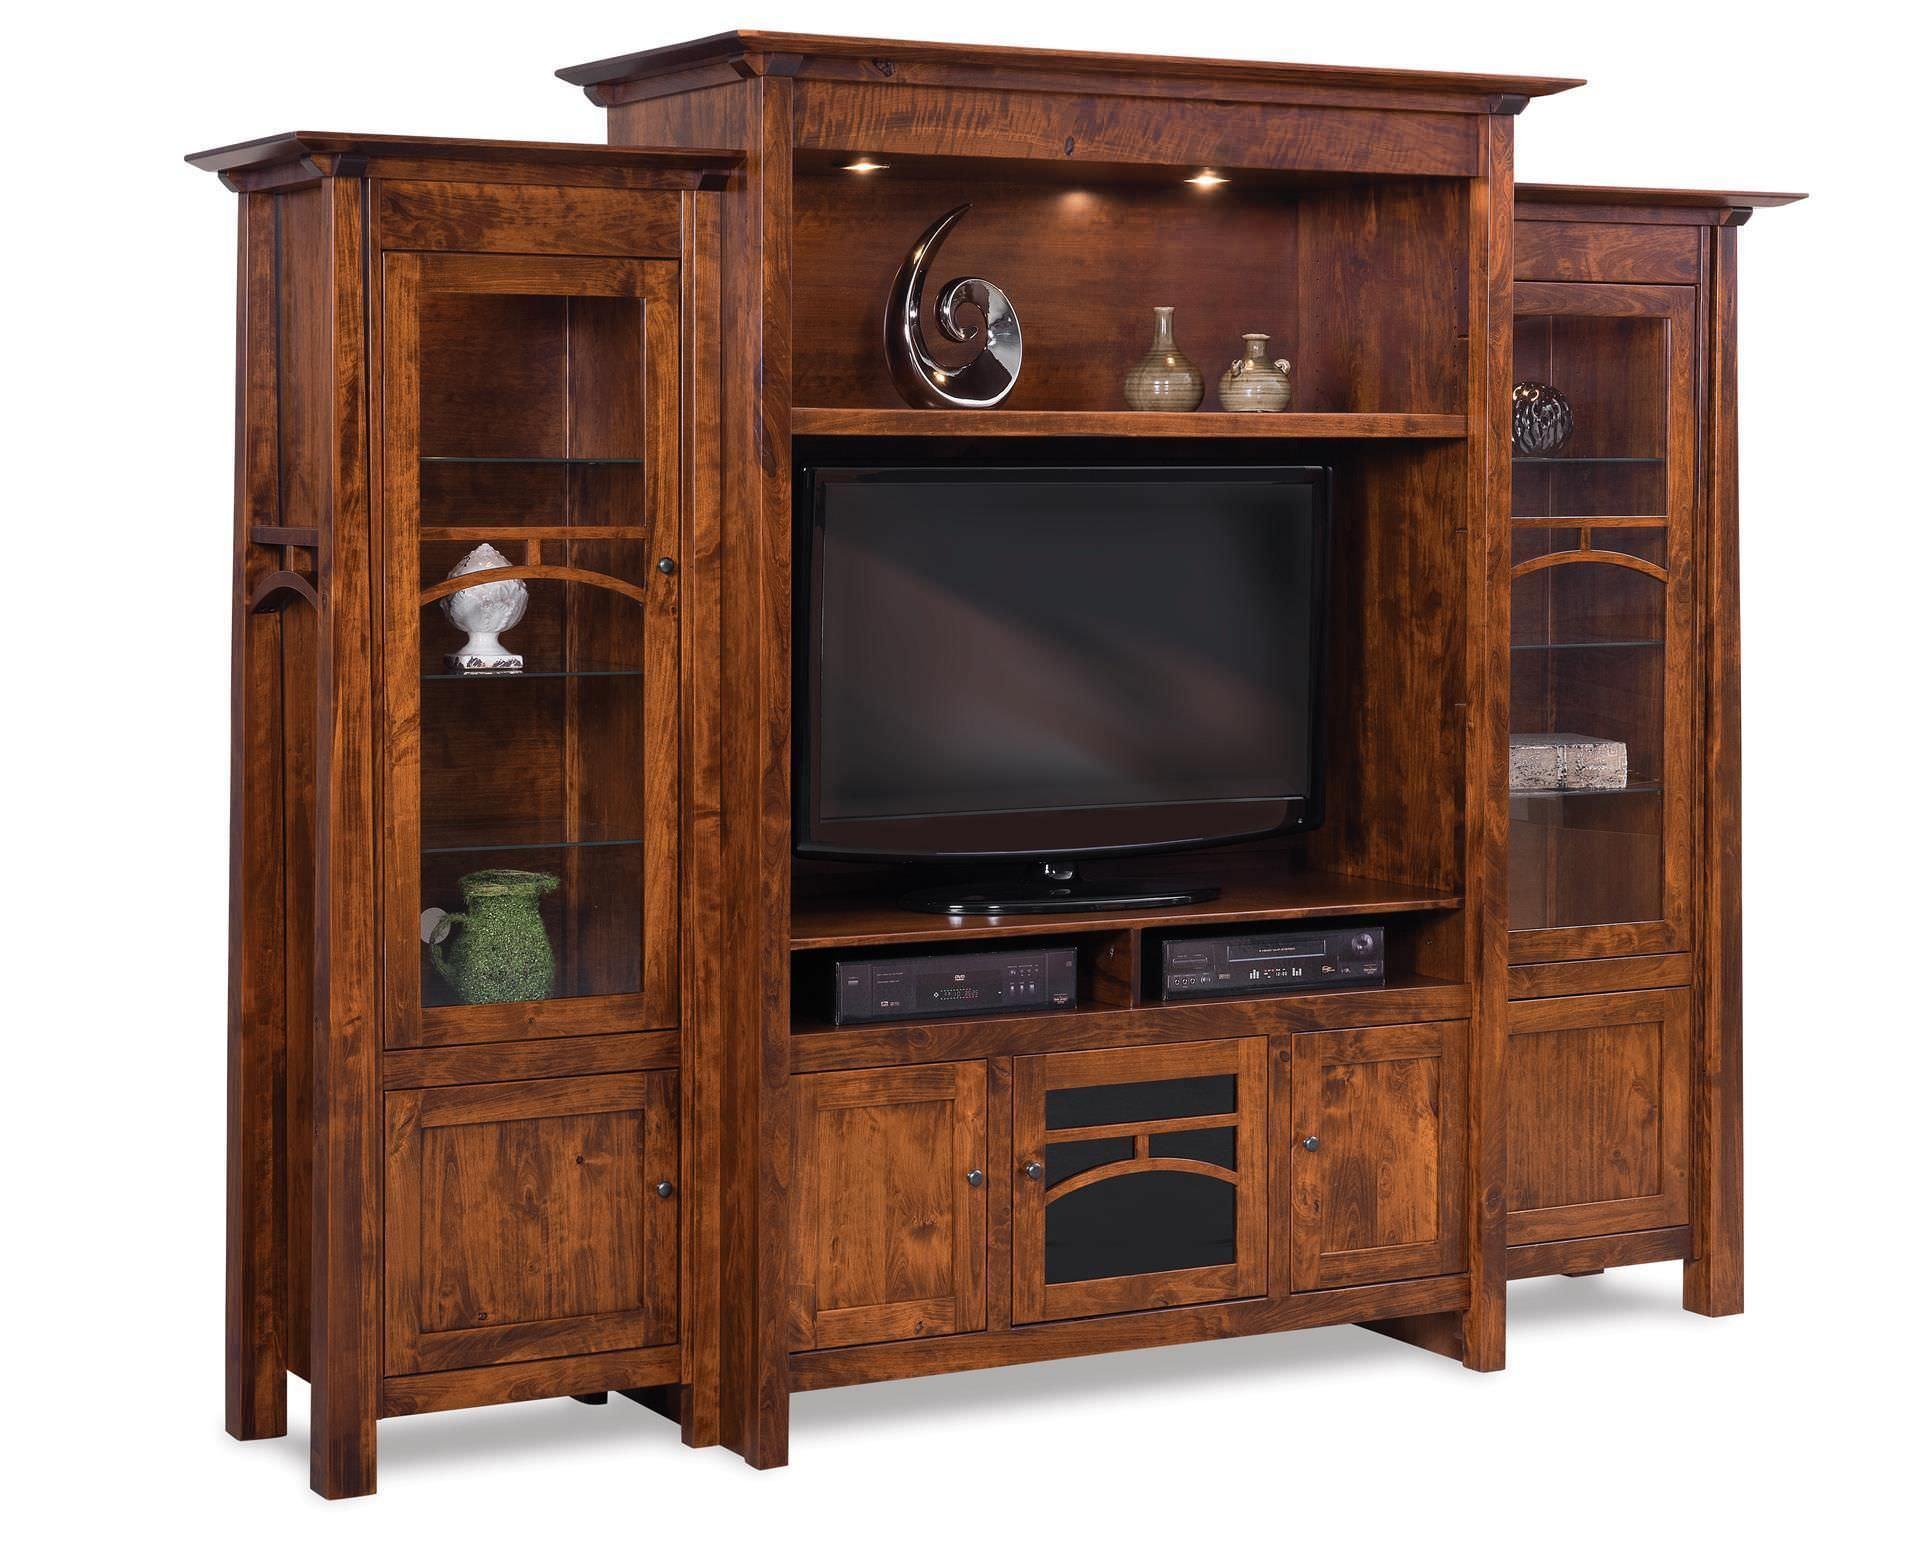 Mẫu tủ tivi kết hợp tủ rươu chất liệu gỗ tự nhiên bền đẹp